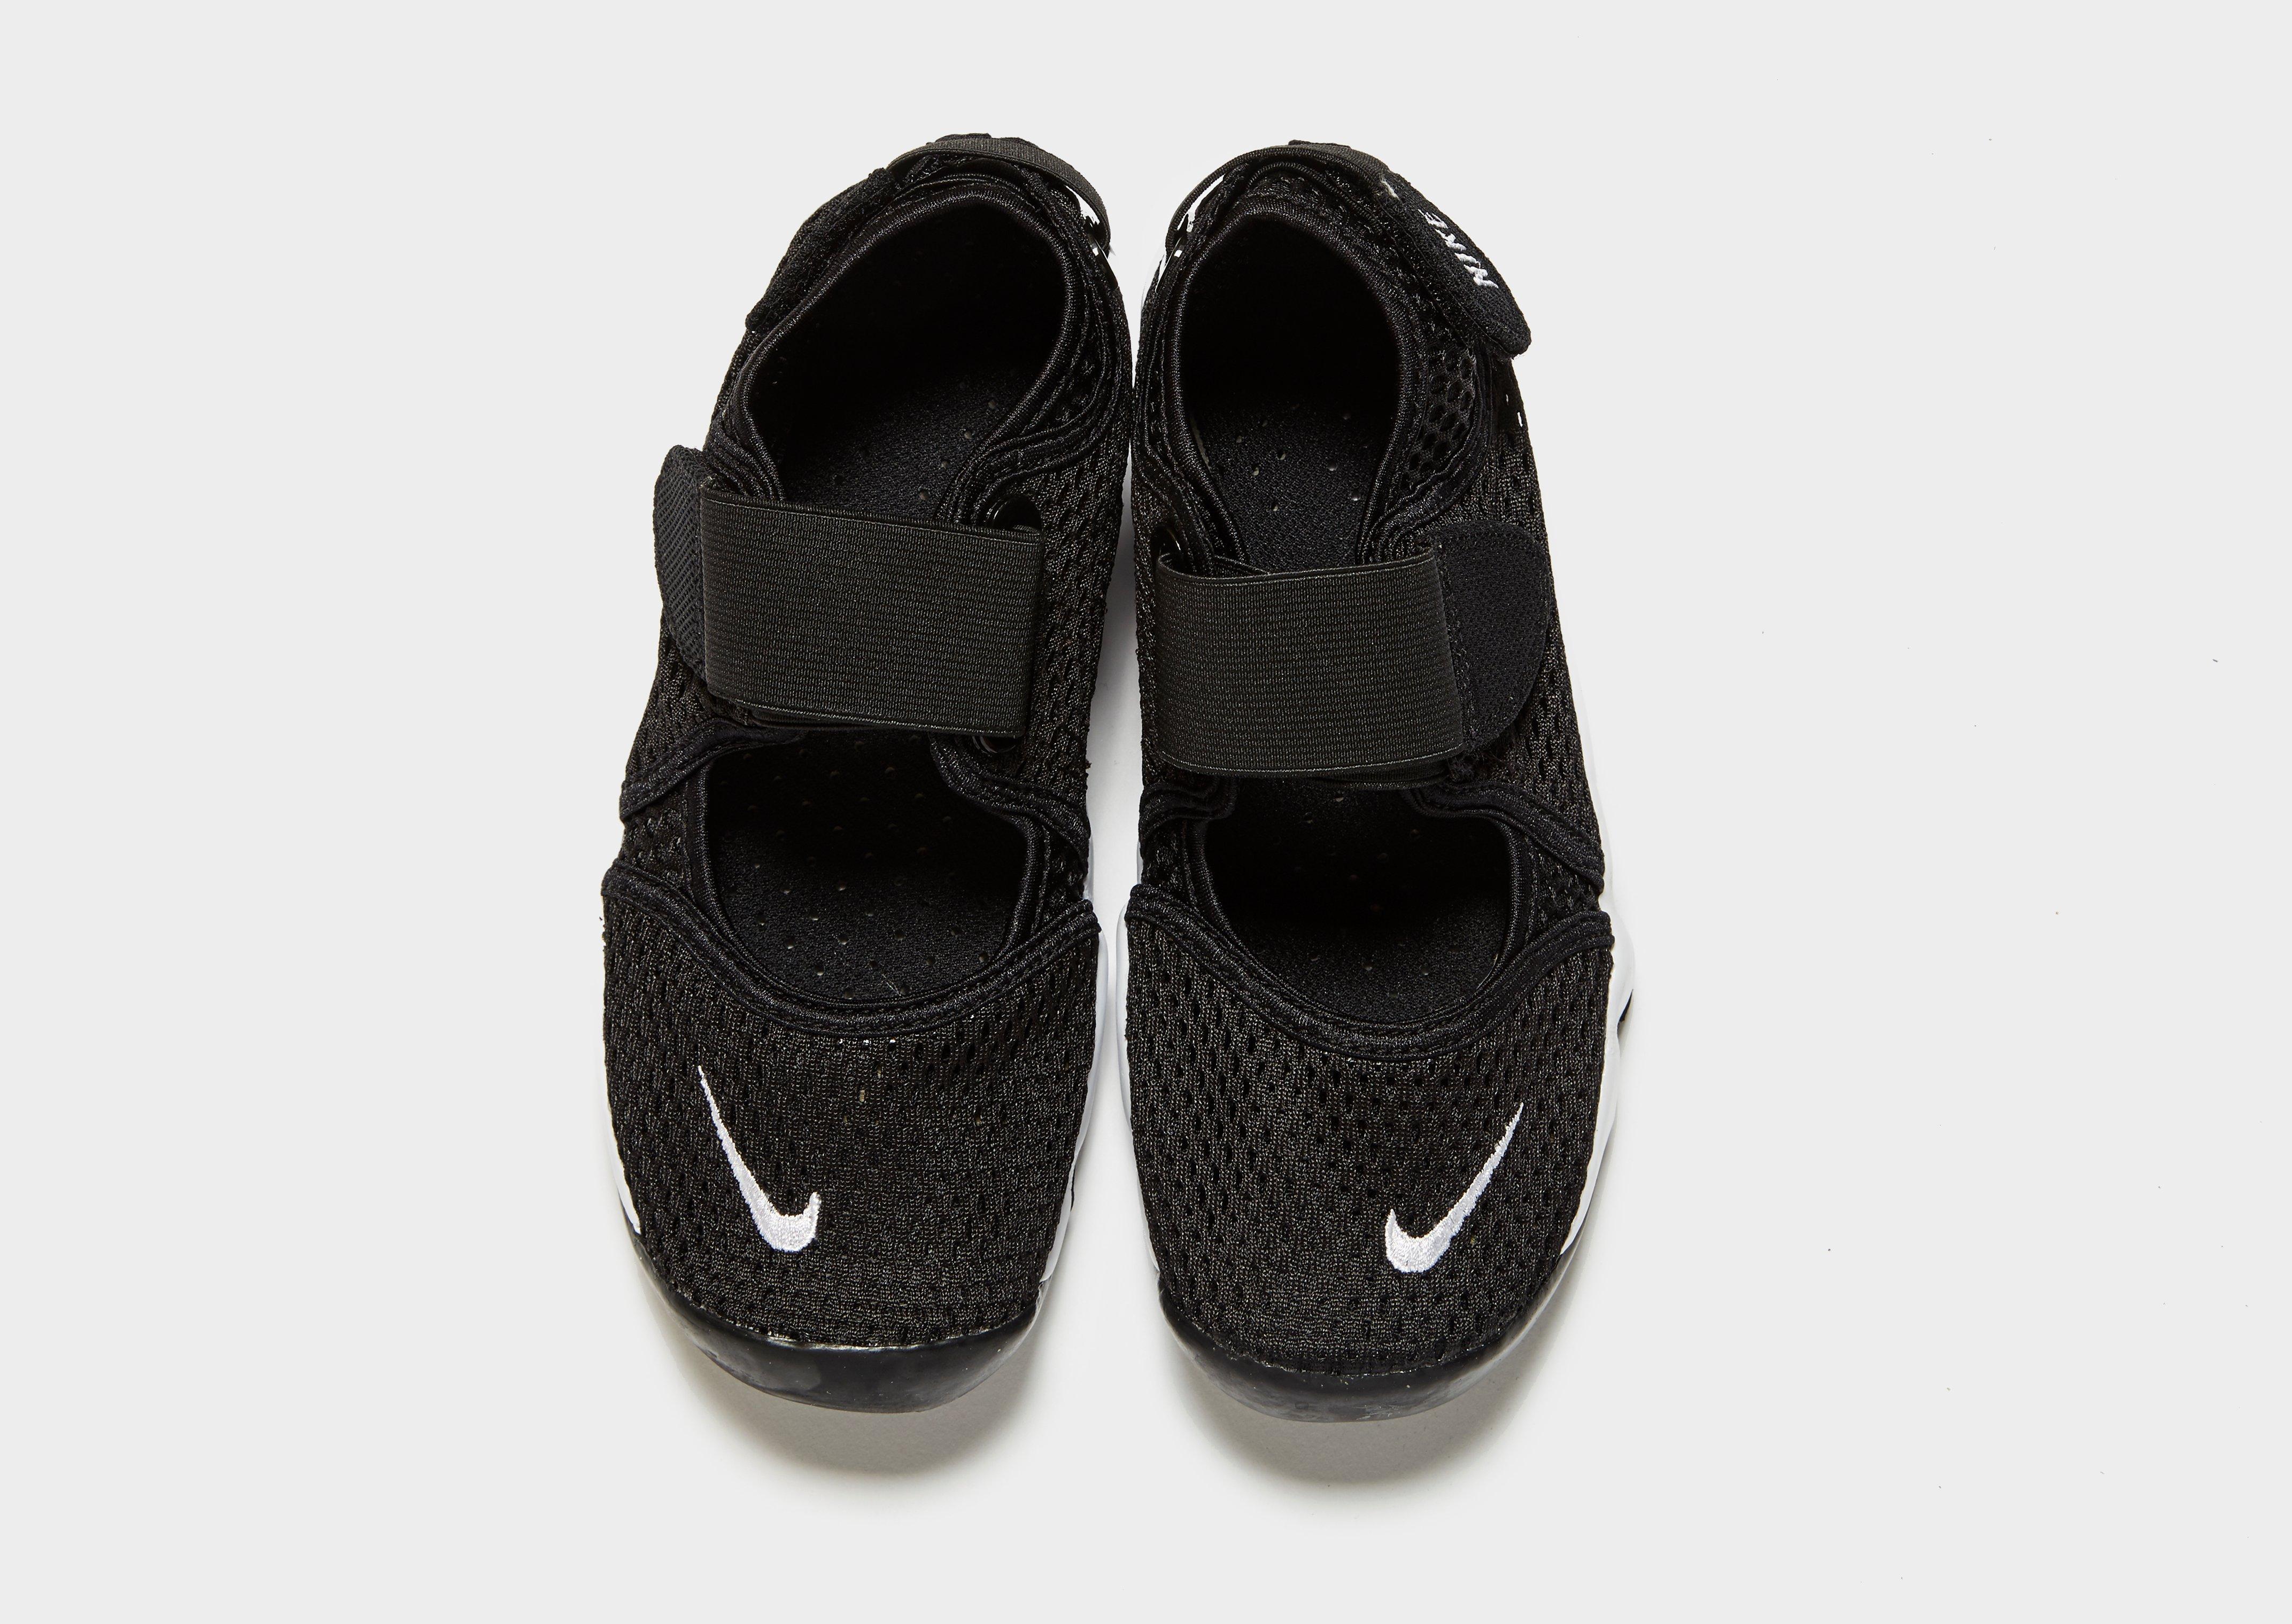 best sneakers e55e7 d017c ... vous vivez ou le style de maison que vous avez, tous les tapis  finissent par se salir et doivent être nettoyés. Une des options que vous  avez pour les ...